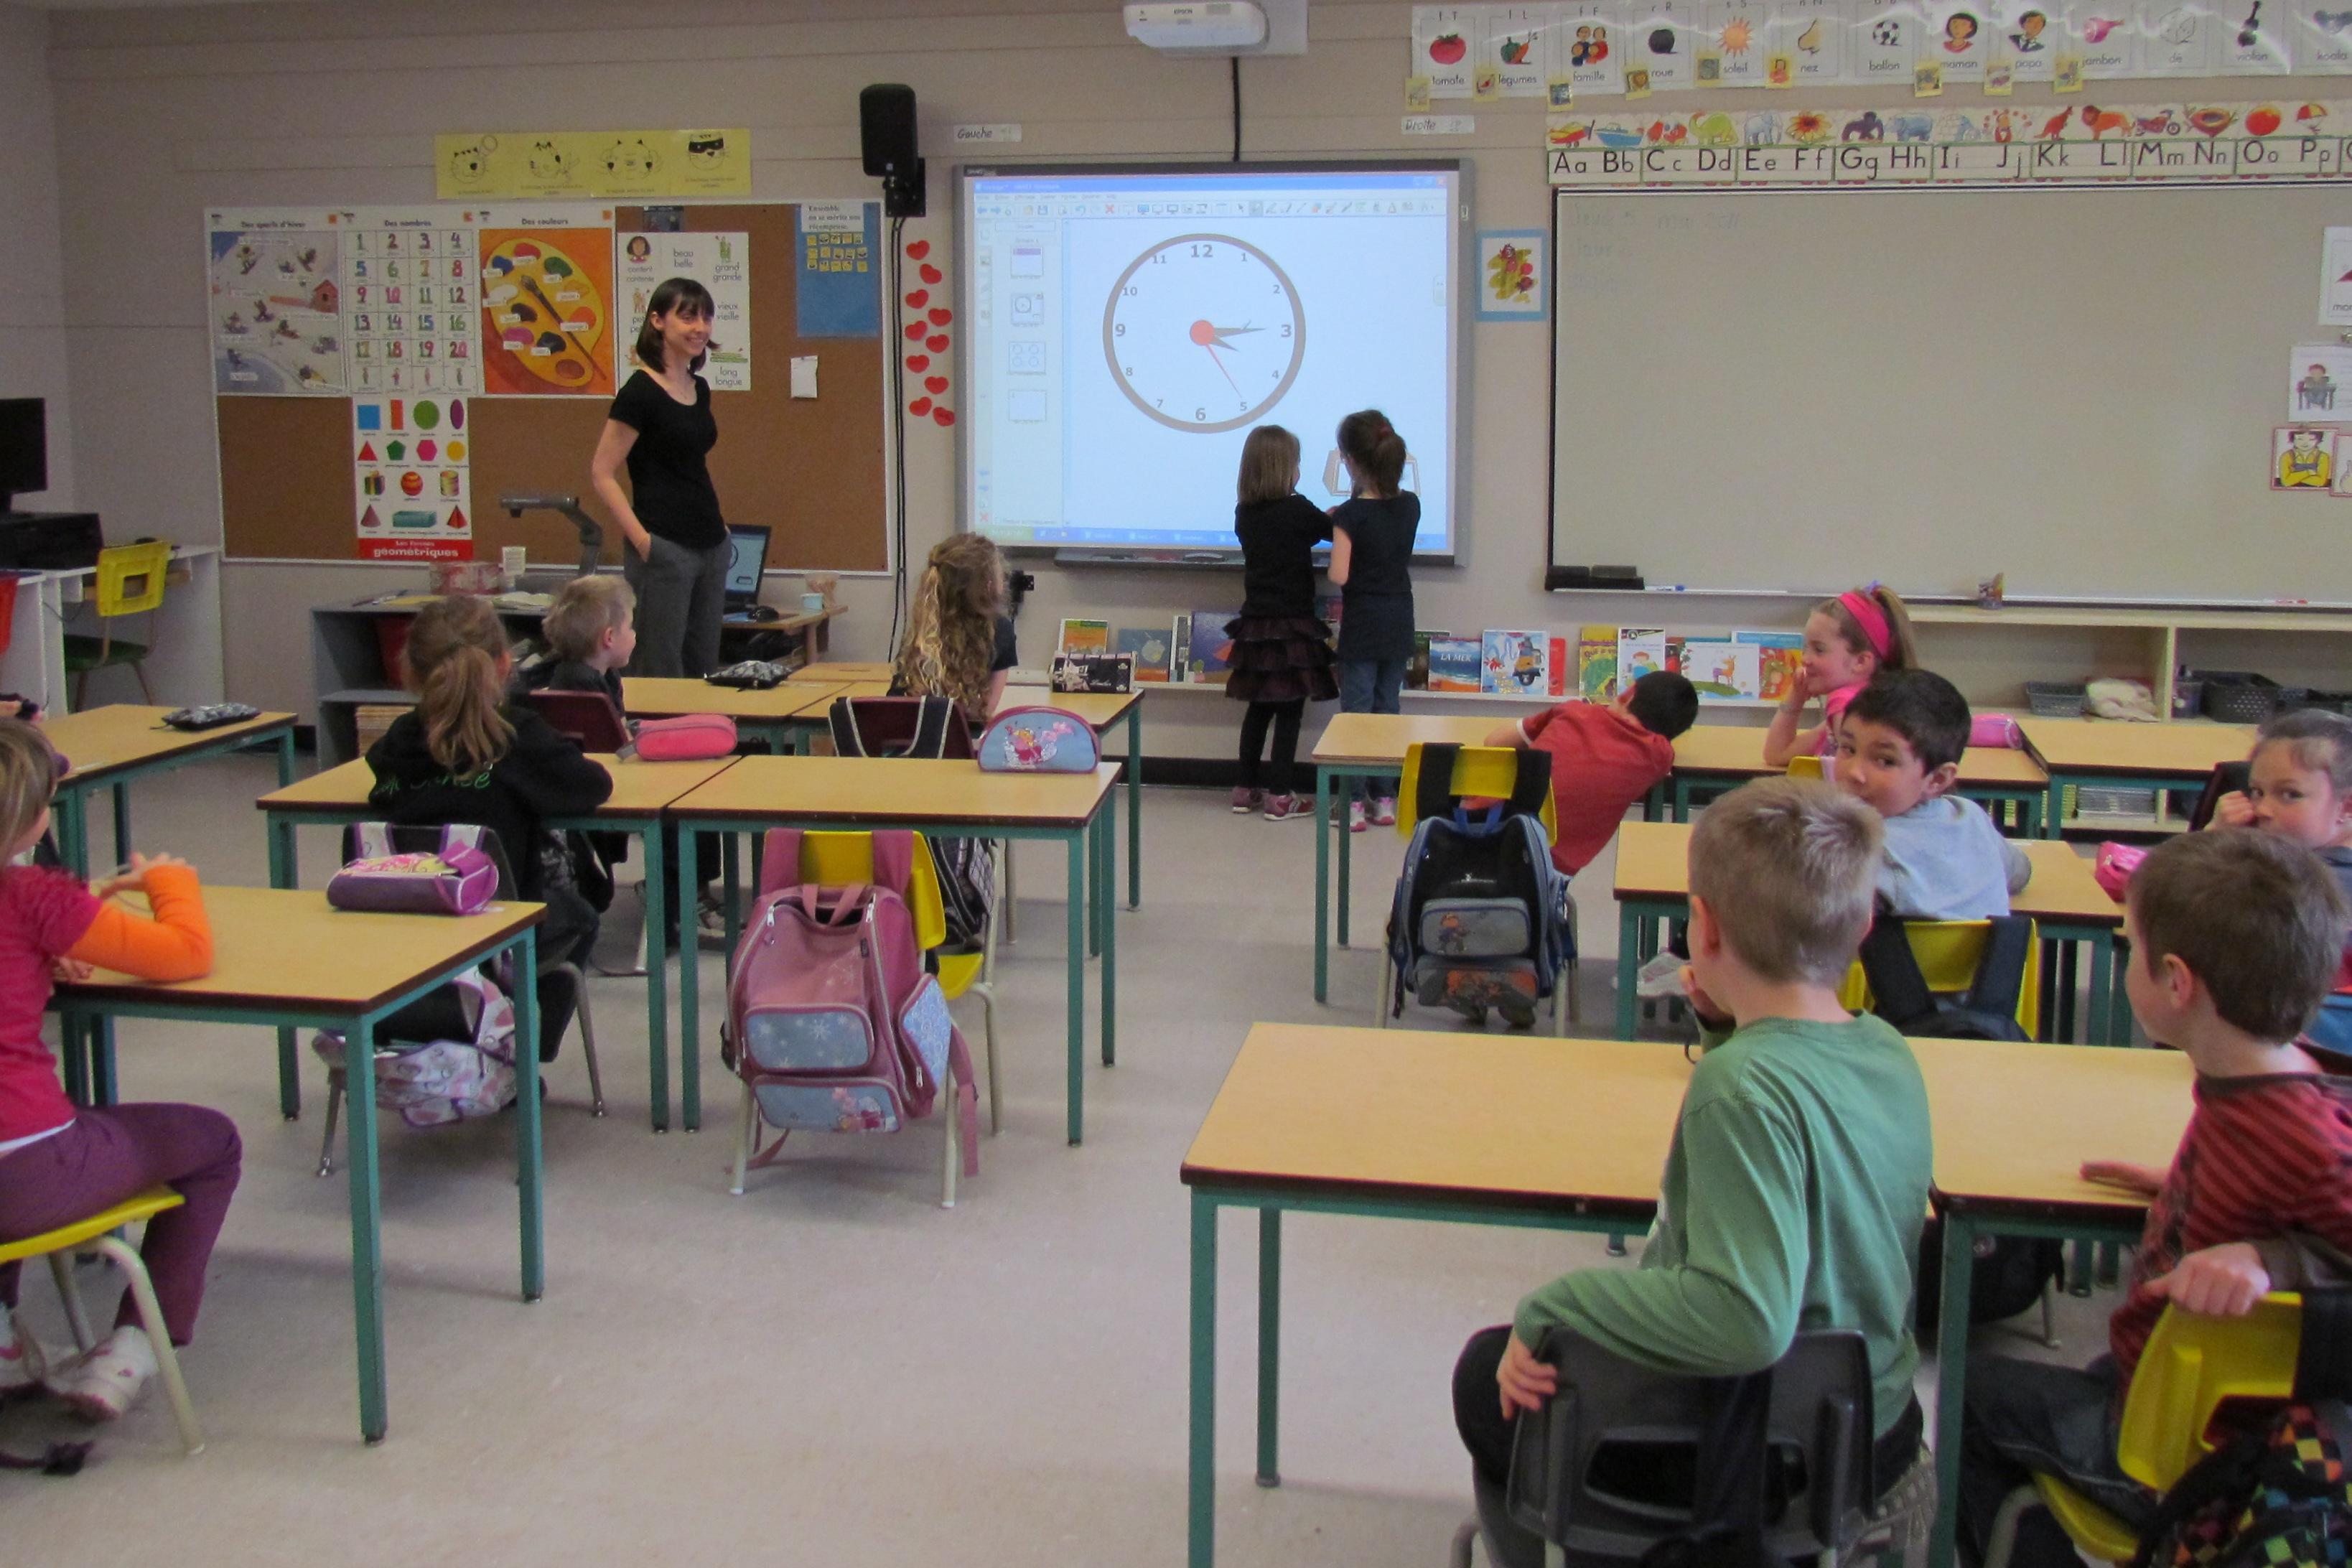 Ecoles communales : des tableaux interactifs